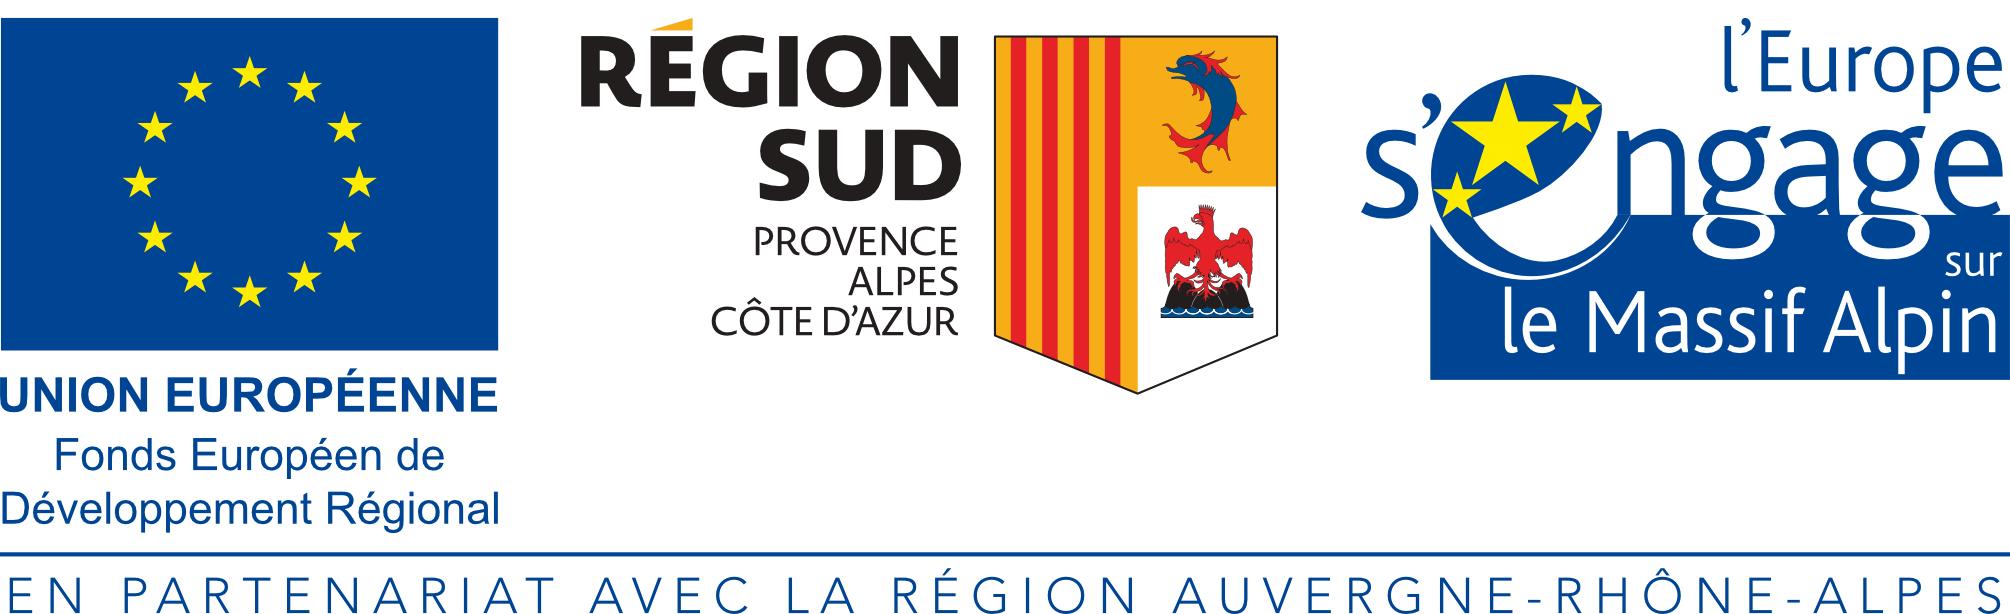 Partenariat Région Auvergne Rhône-Alpes